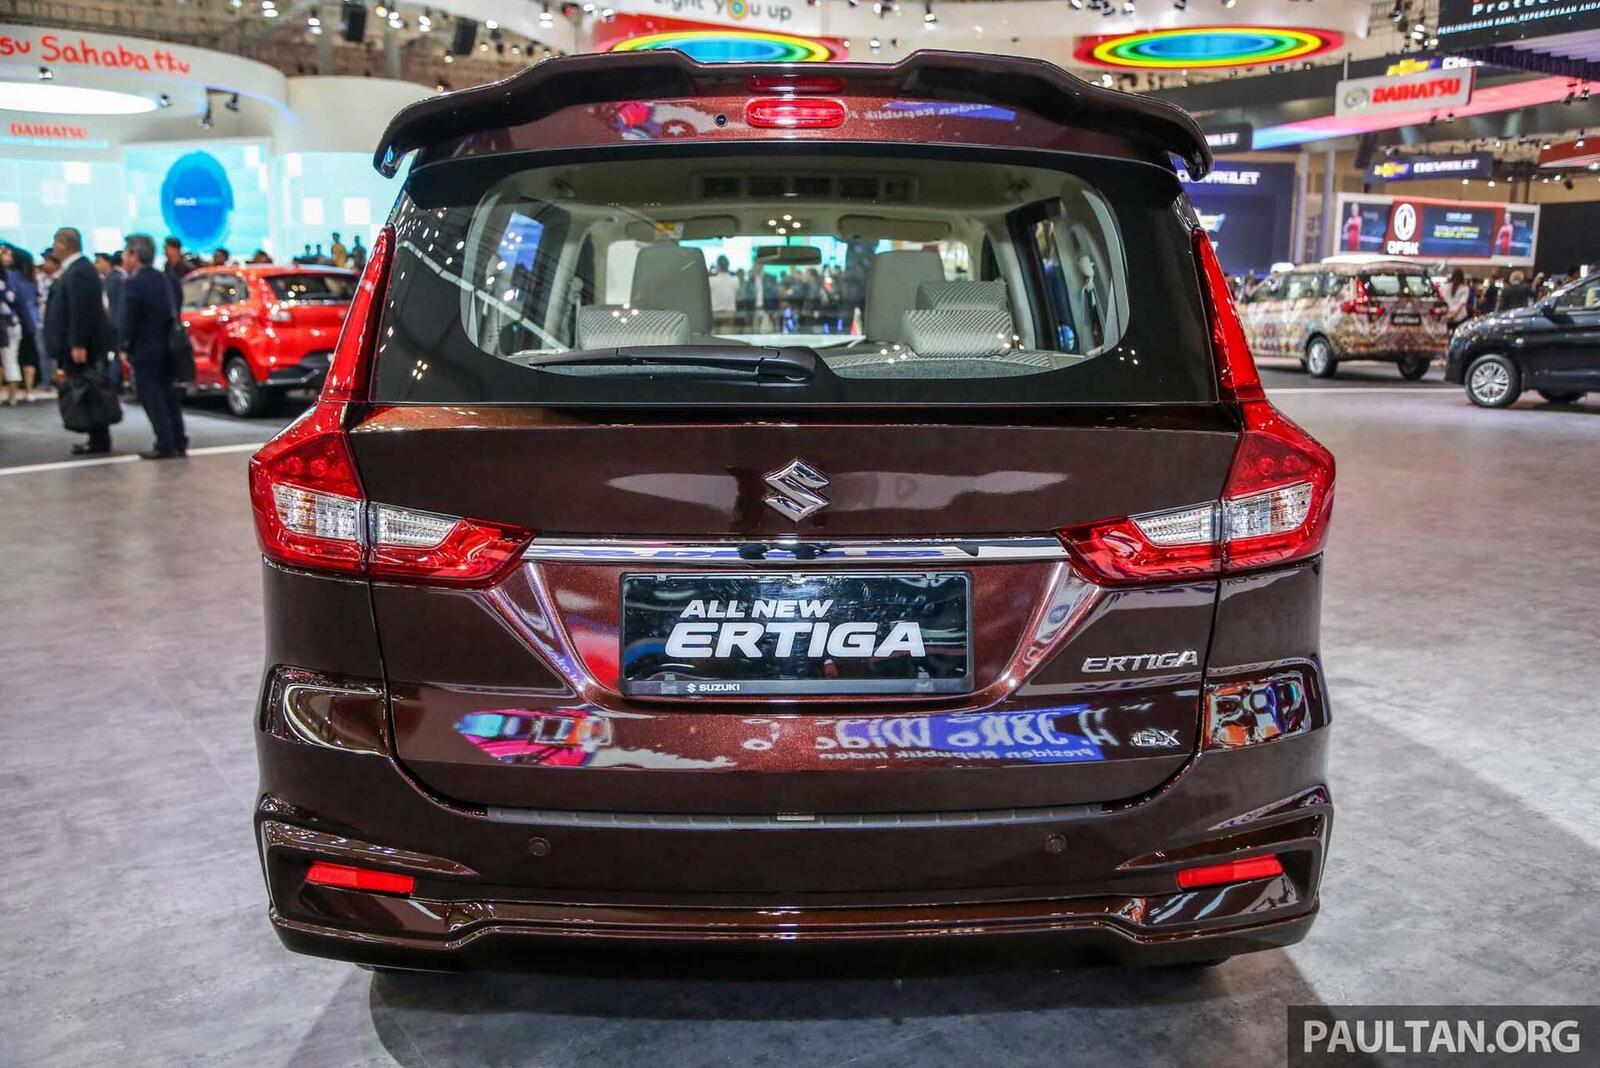 Suzuki Ertiga thế hệ mới có giá từ 486 triệu đồng tại Thái Lan; chưa hẹn ngày về Việt Nam - Hình 5